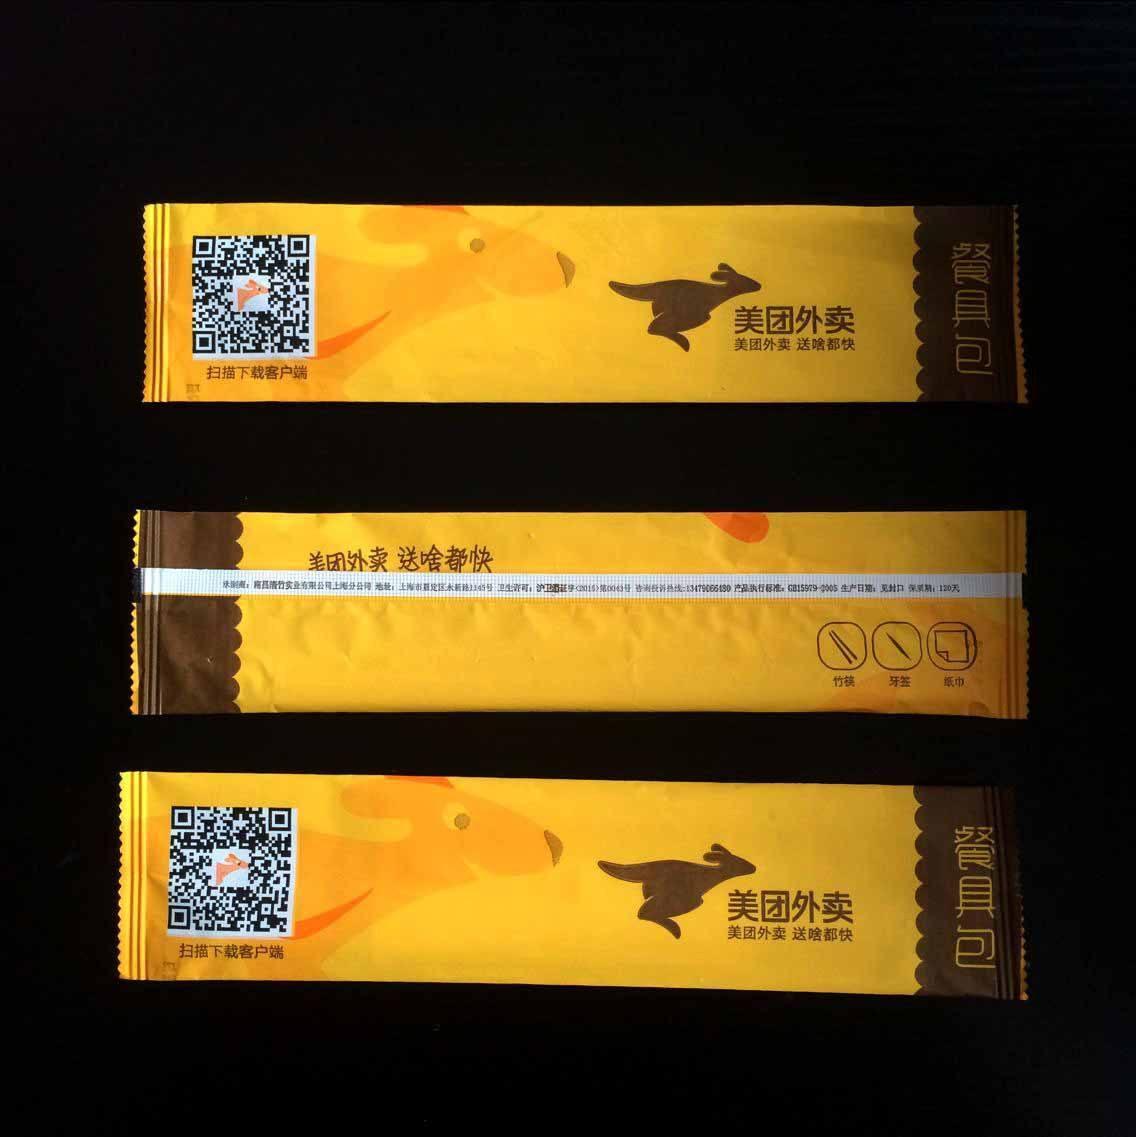 中国的筷子文化,你知道多少呢?